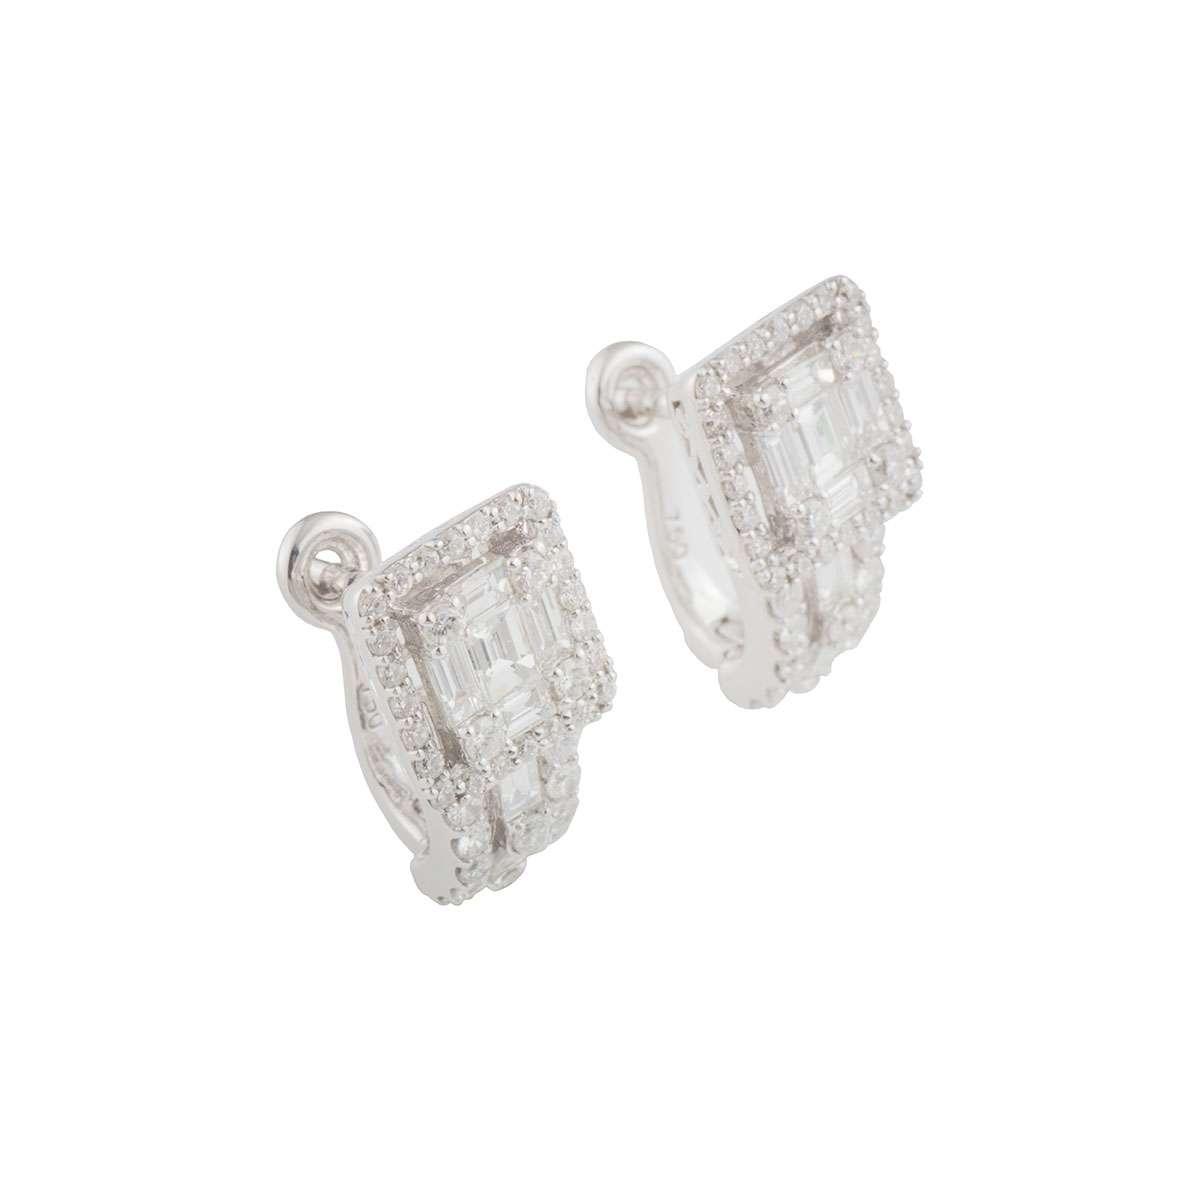 White Gold Diamond Cluster Earrings 1.03ct G-H/VS-VVS